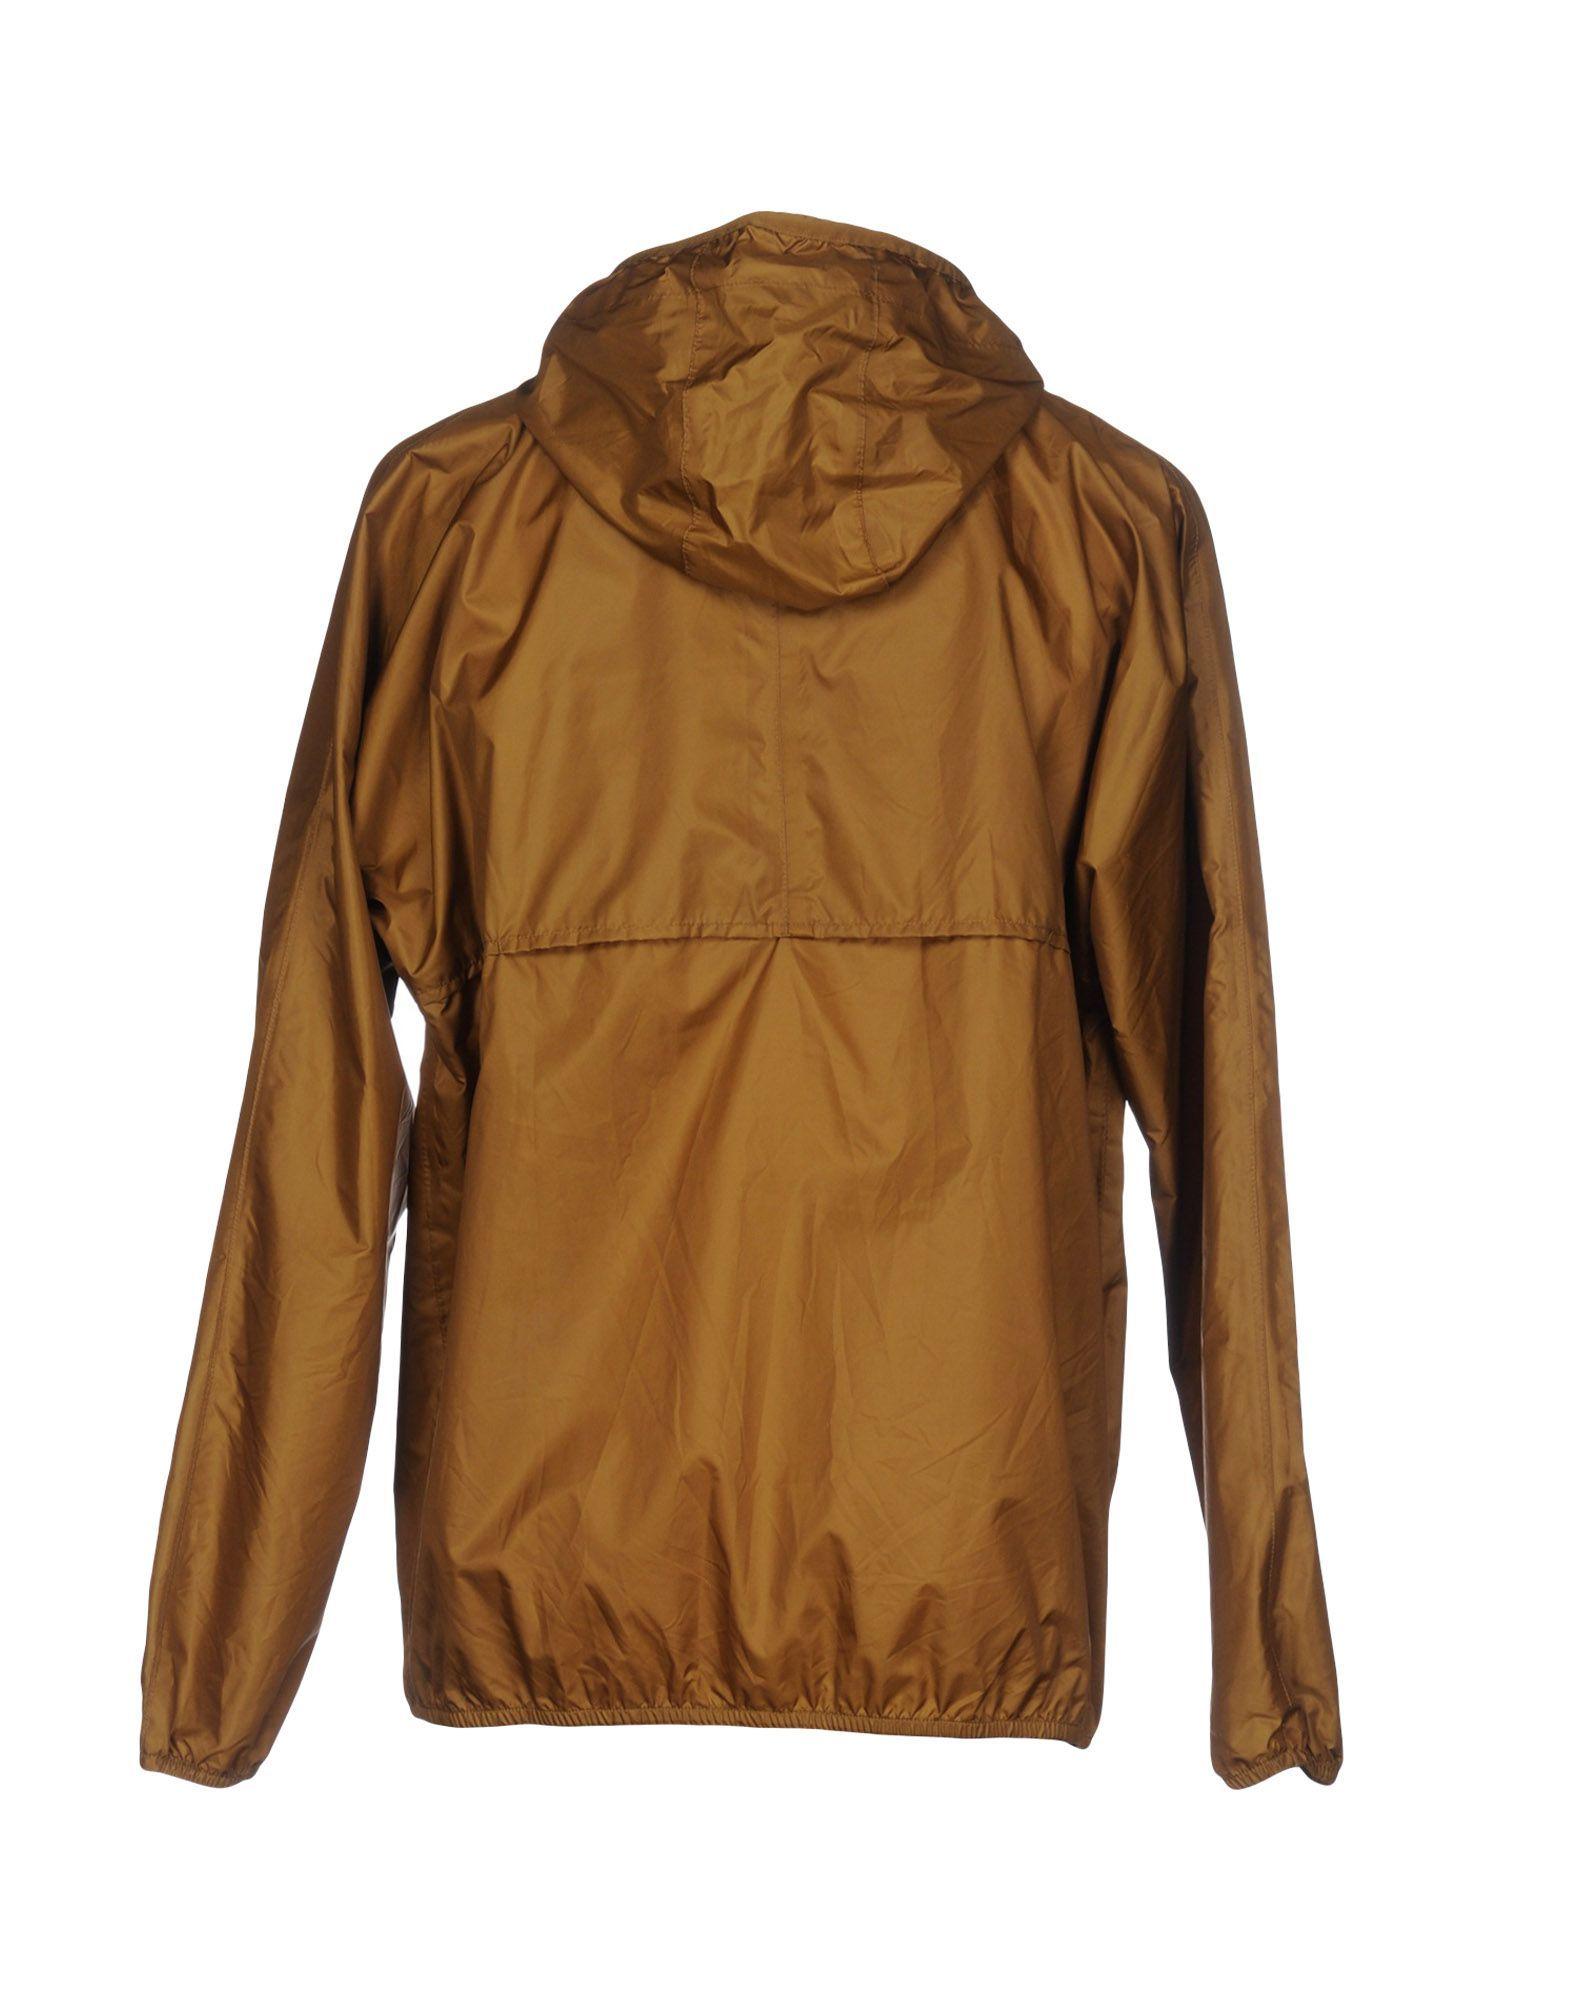 K-Way Khaki Techno Fabric Jacket